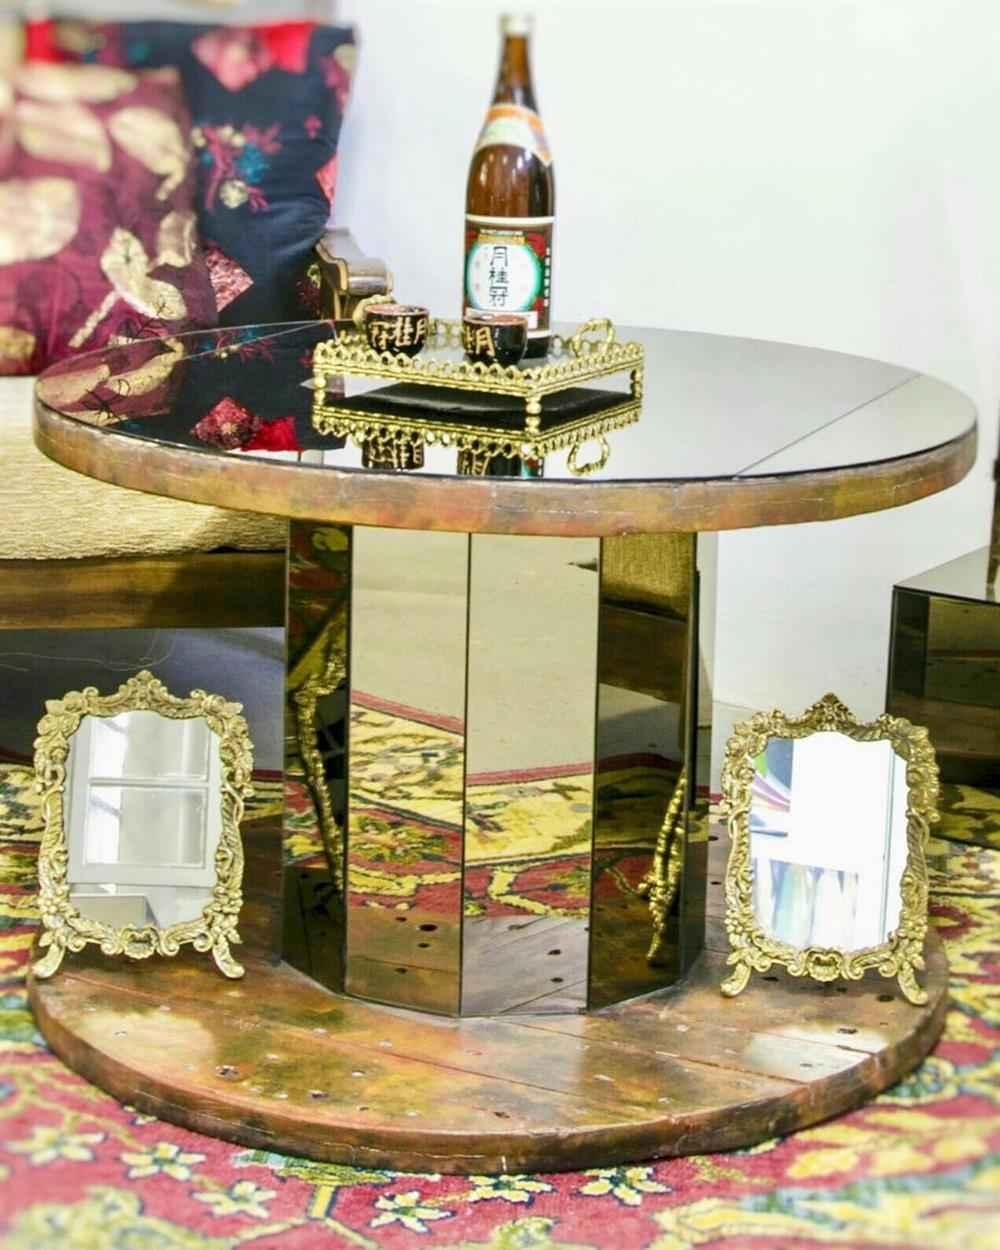 bobina decorada com espelhos